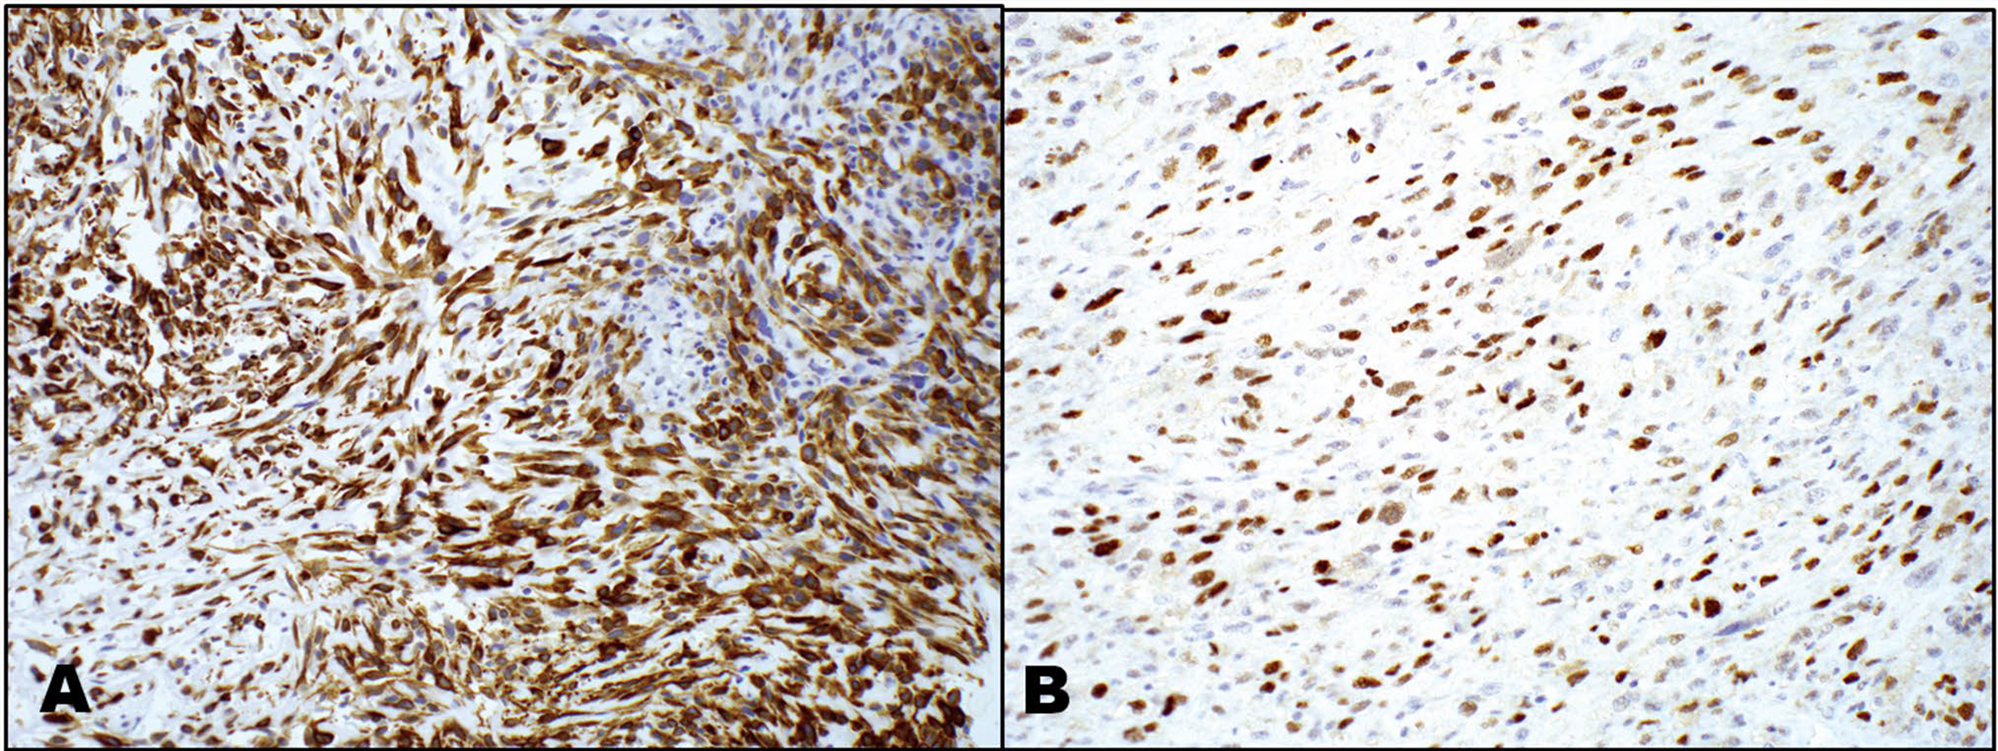 以例学病-喉部梭形细胞鳞癌病理诊断要点(二)